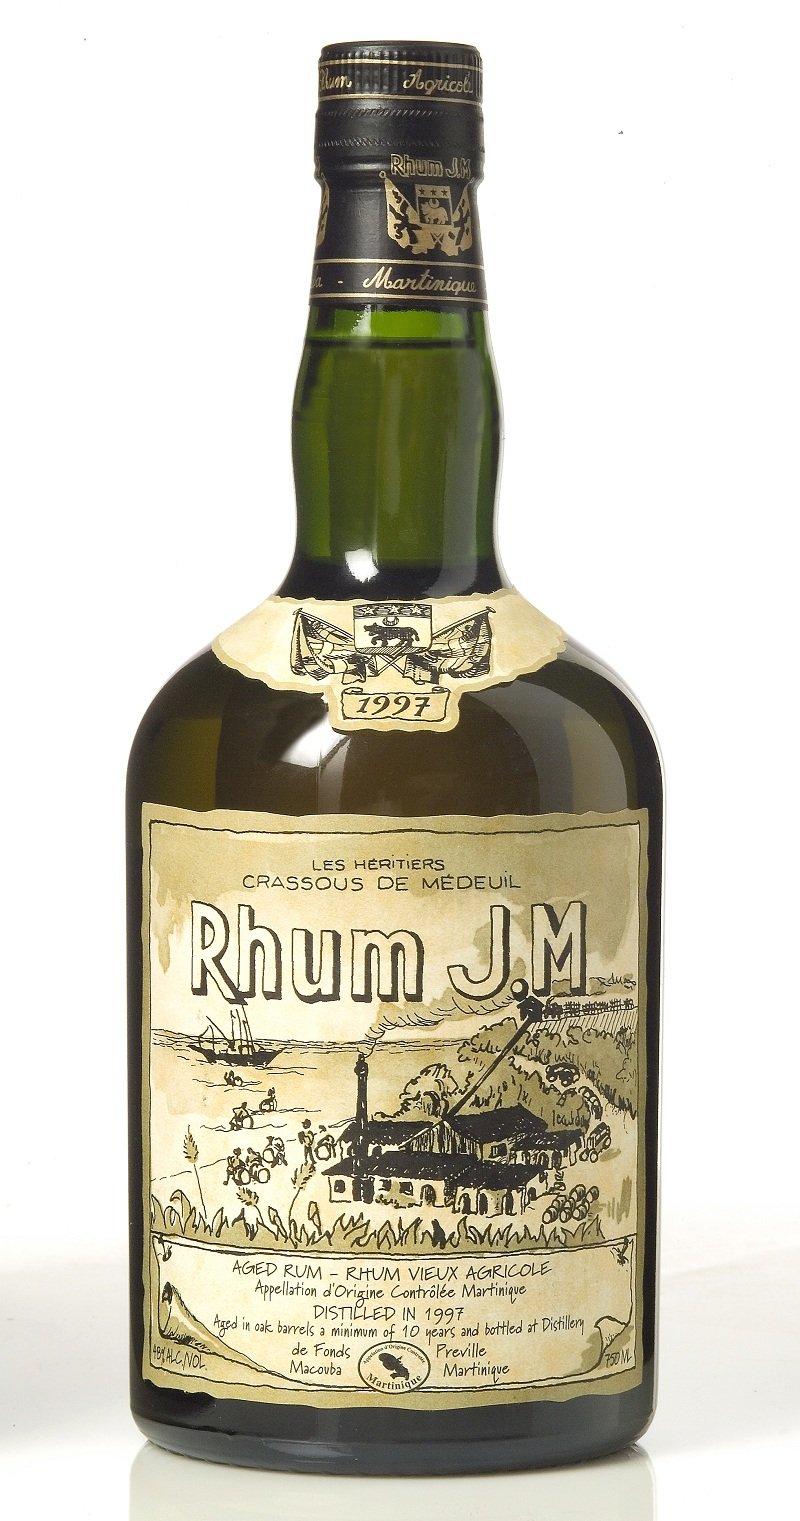 Rhum J.M. Rhum Vieux Agricole 1997